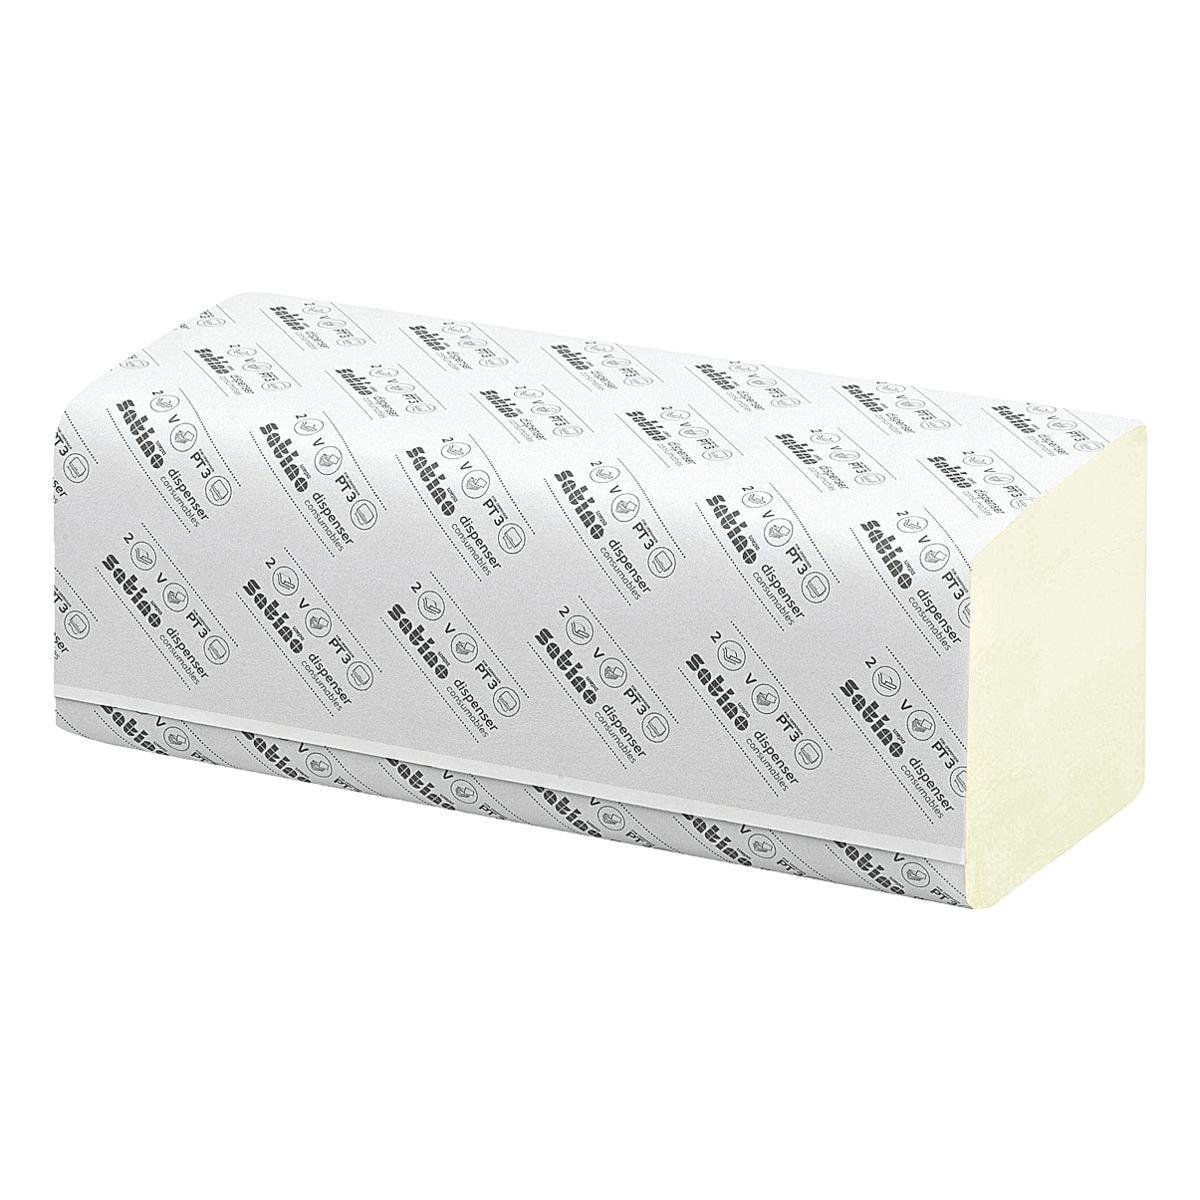 Essuie-mains en papier Satino comfort 2 épaisseurs, vert, 25 cm x 23 cm de Ouate de cellulose avec pliage en Z - 3200 feuilles au total